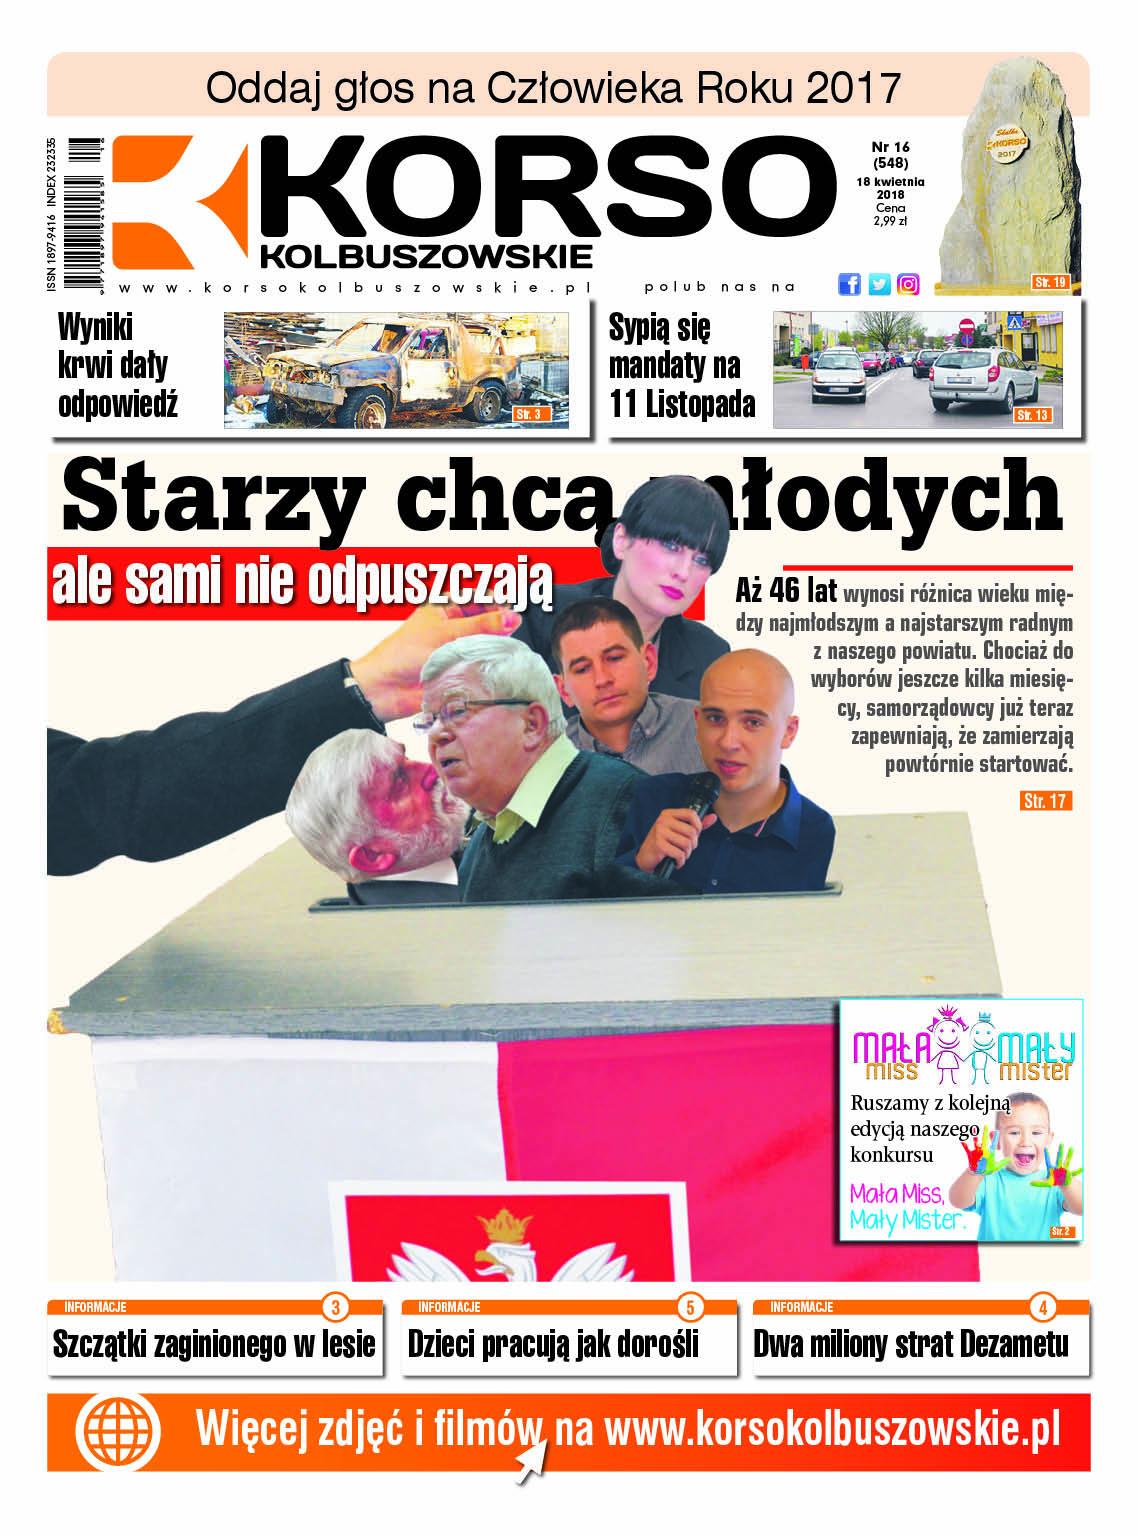 Nowy numer Korso Kolbuszowskie - nr 16/2018 - Zdjęcie główne